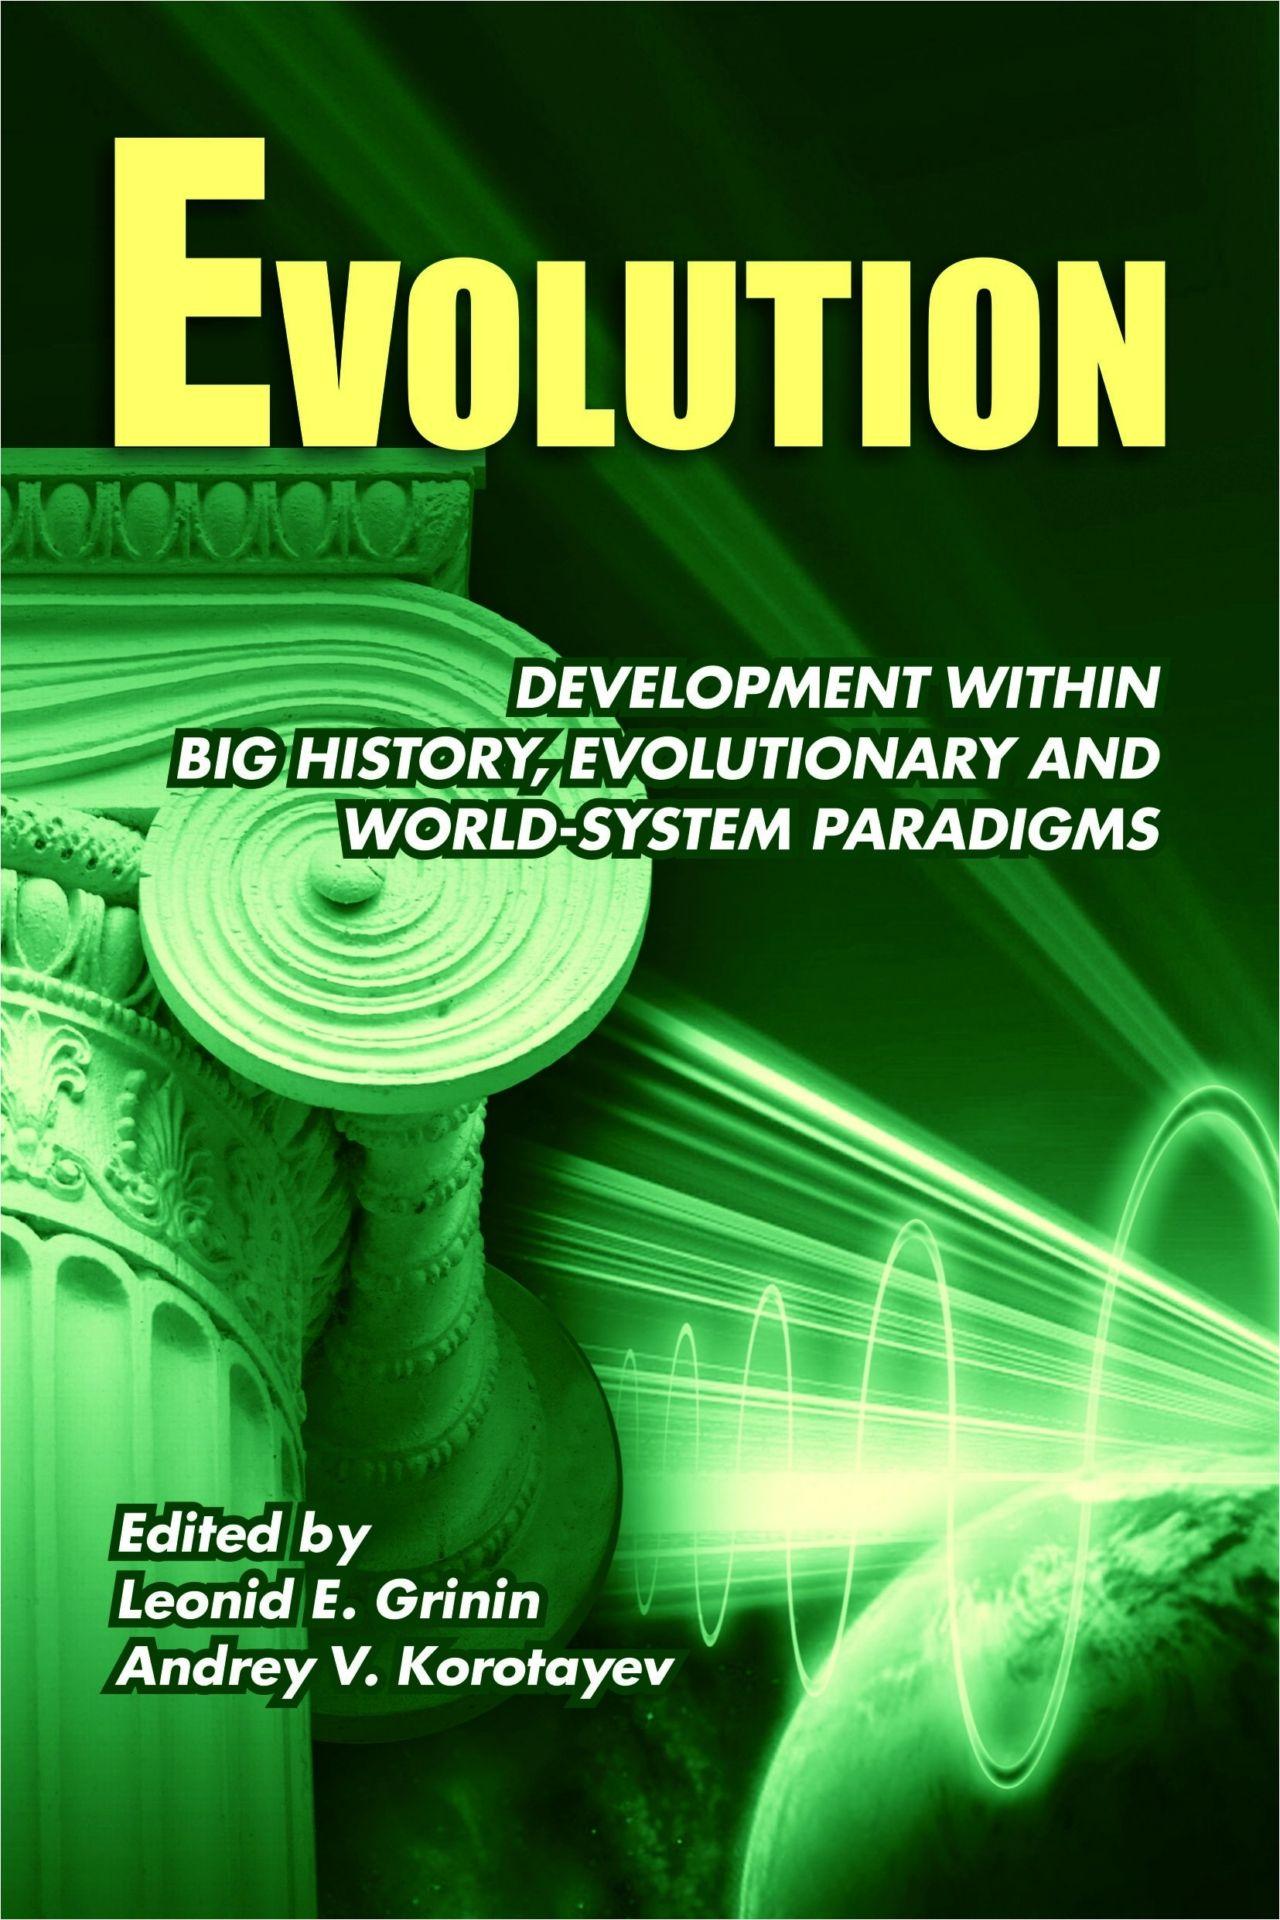 Evolution: Development within Big History, Evolutionary and World-System Paradigms (Эволюция: Развитие в рамках мегаистории, эволюционной и мир-системной парадигм. Альманах на английском языке)